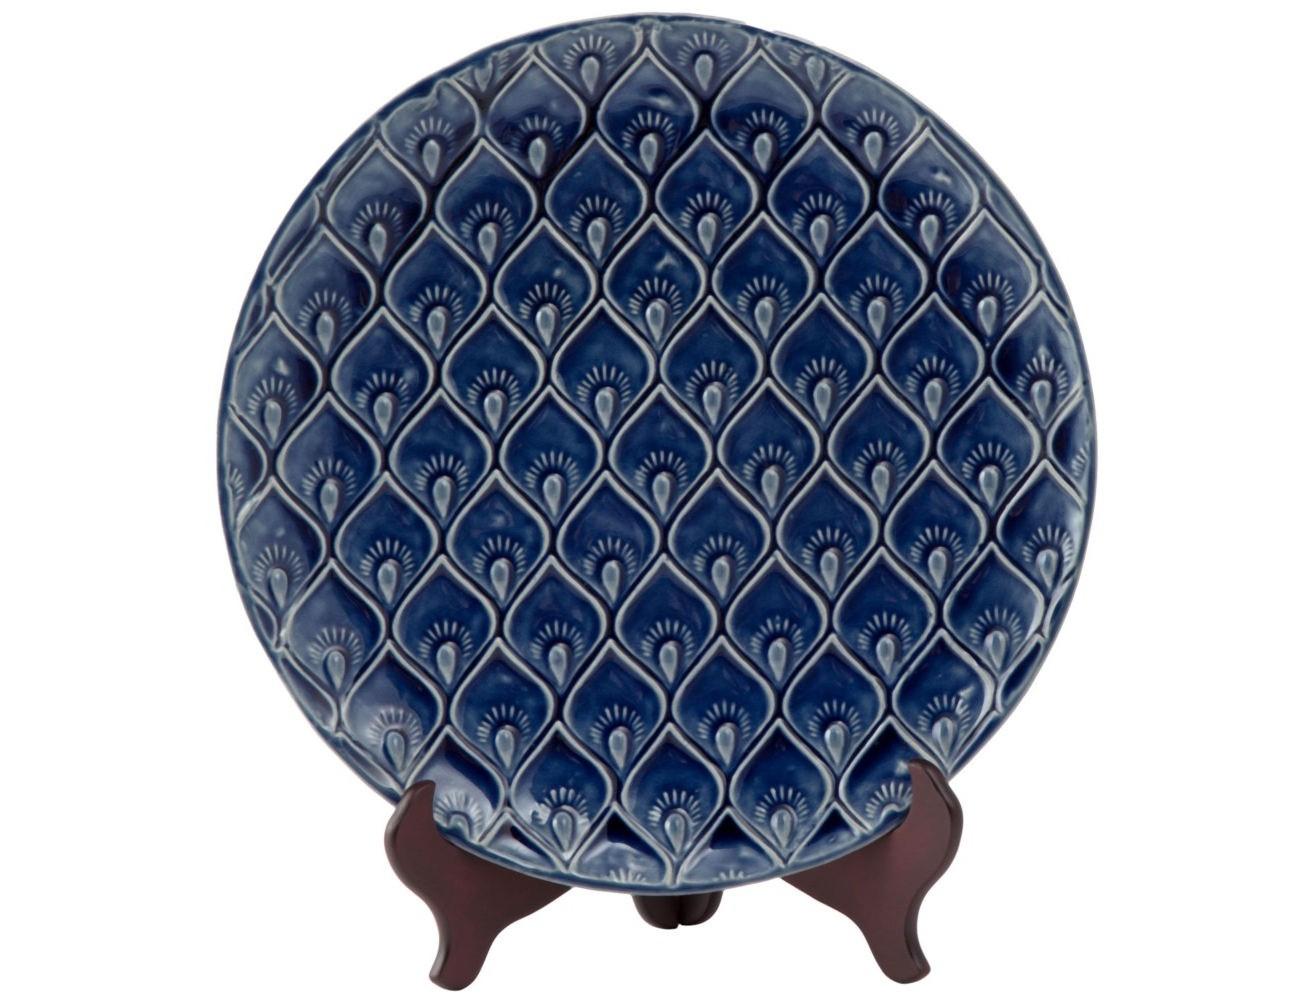 Тарелка декоративная PavoДекоративные тарелки<br><br><br>Material: Керамика<br>Width см: None<br>Depth см: None<br>Height см: 4<br>Diameter см: 40